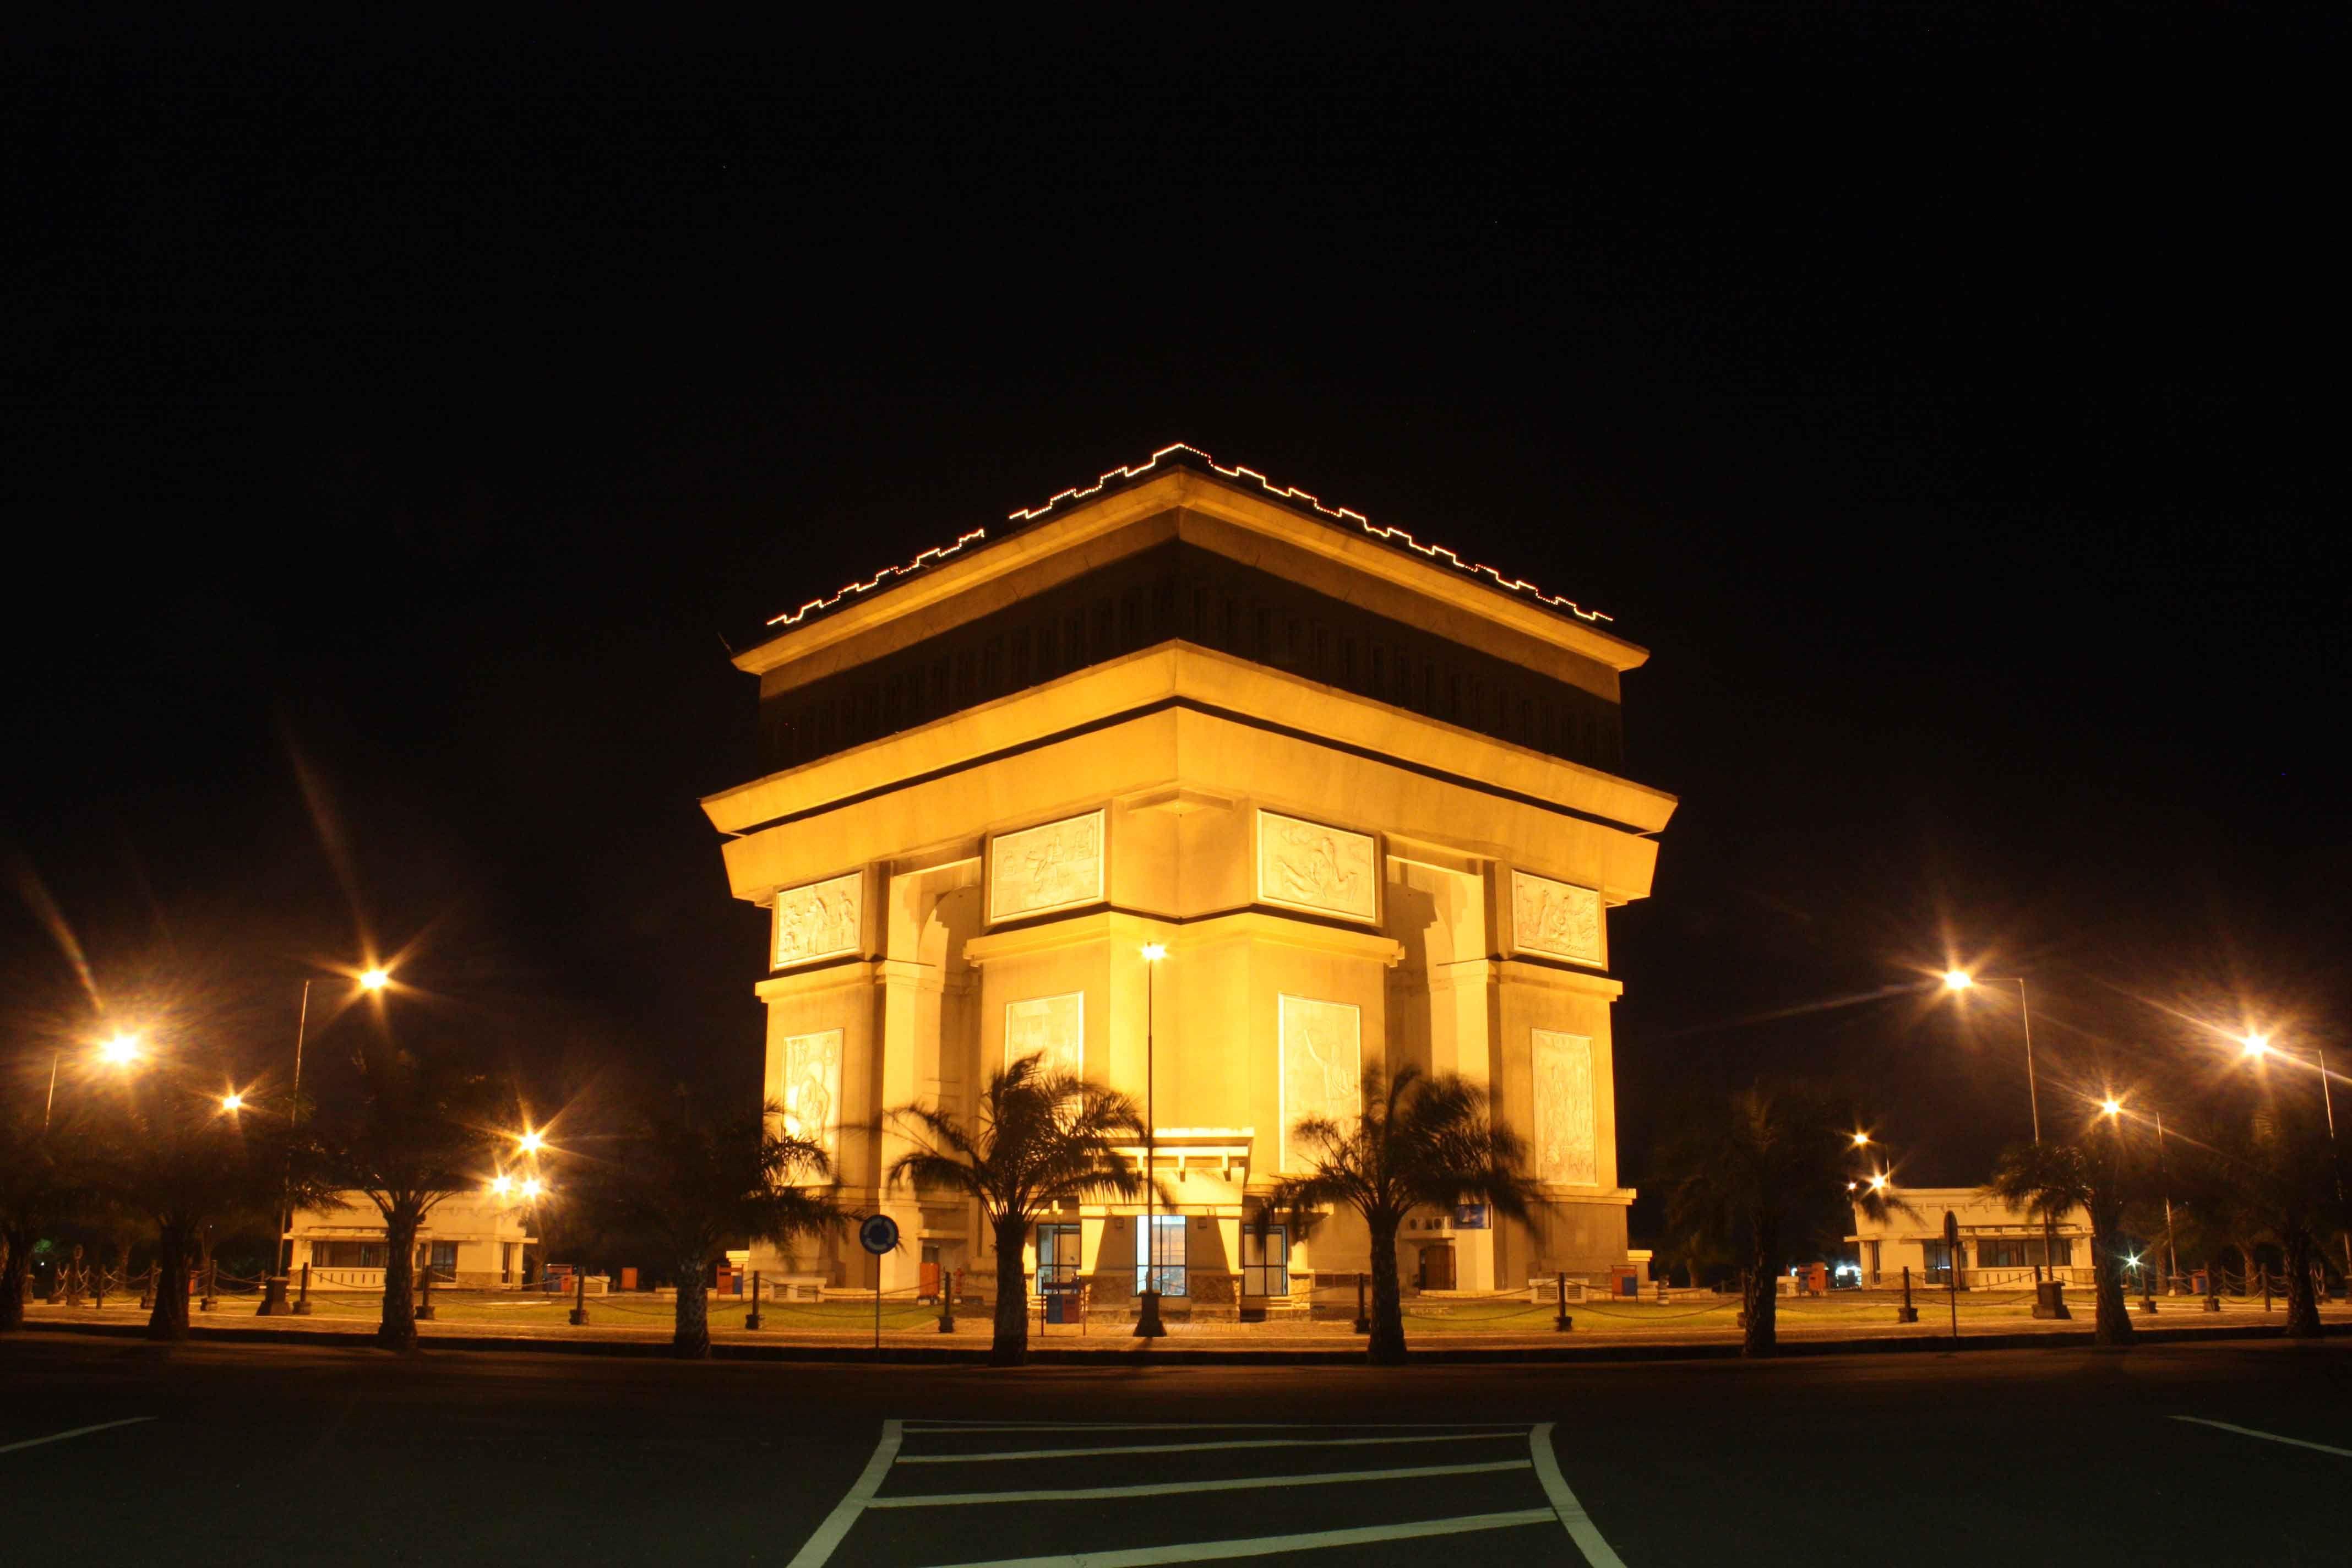 Monumen Slg Kediri City Scenery Masjid Agung Kab